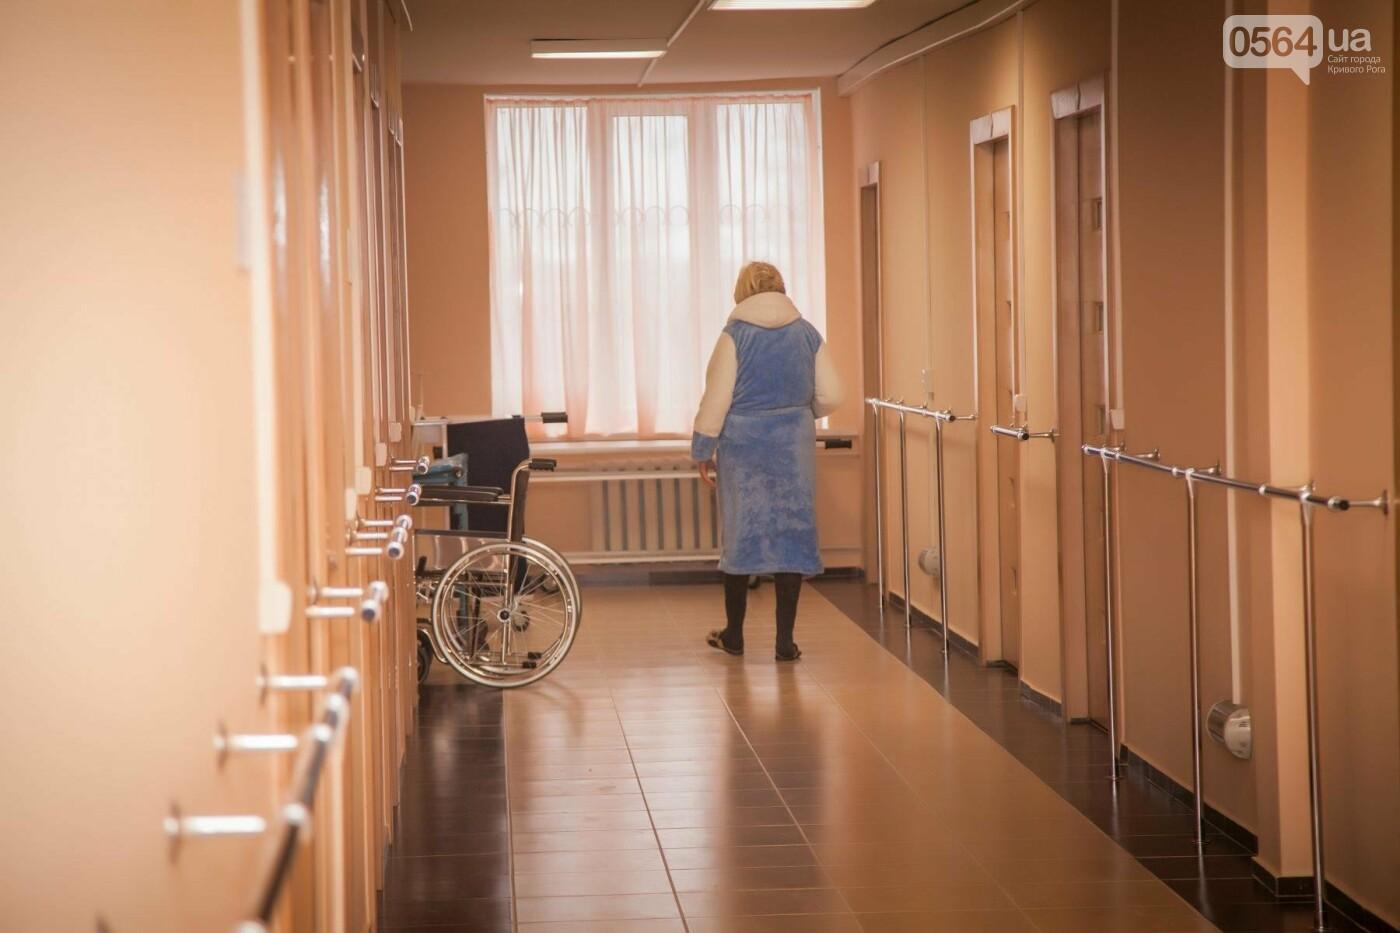 Южный ГОК инвестировал  более 3 миллионов гривен в улучшение медицинского обслуживания криворожан, фото-2